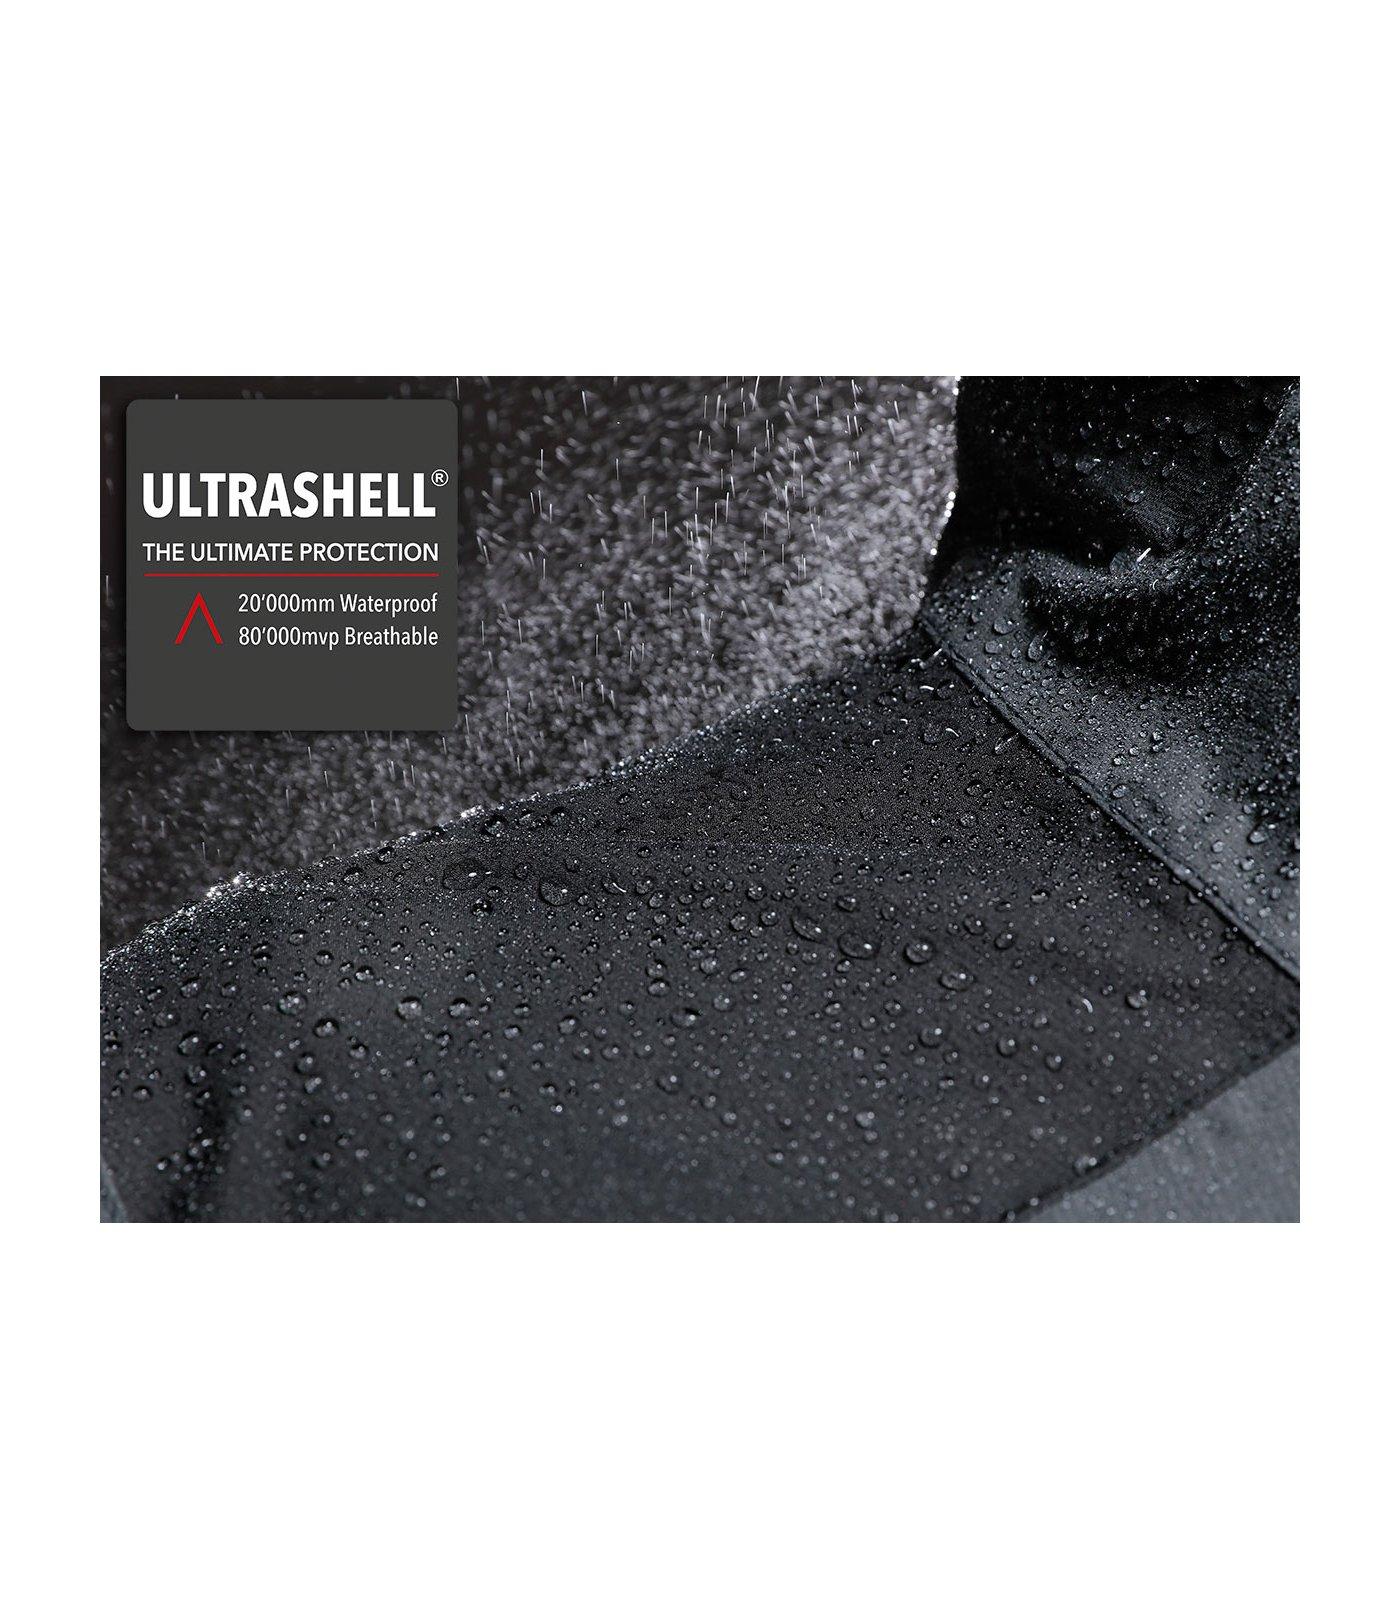 entretien du gore-tex et de l'ultrashell